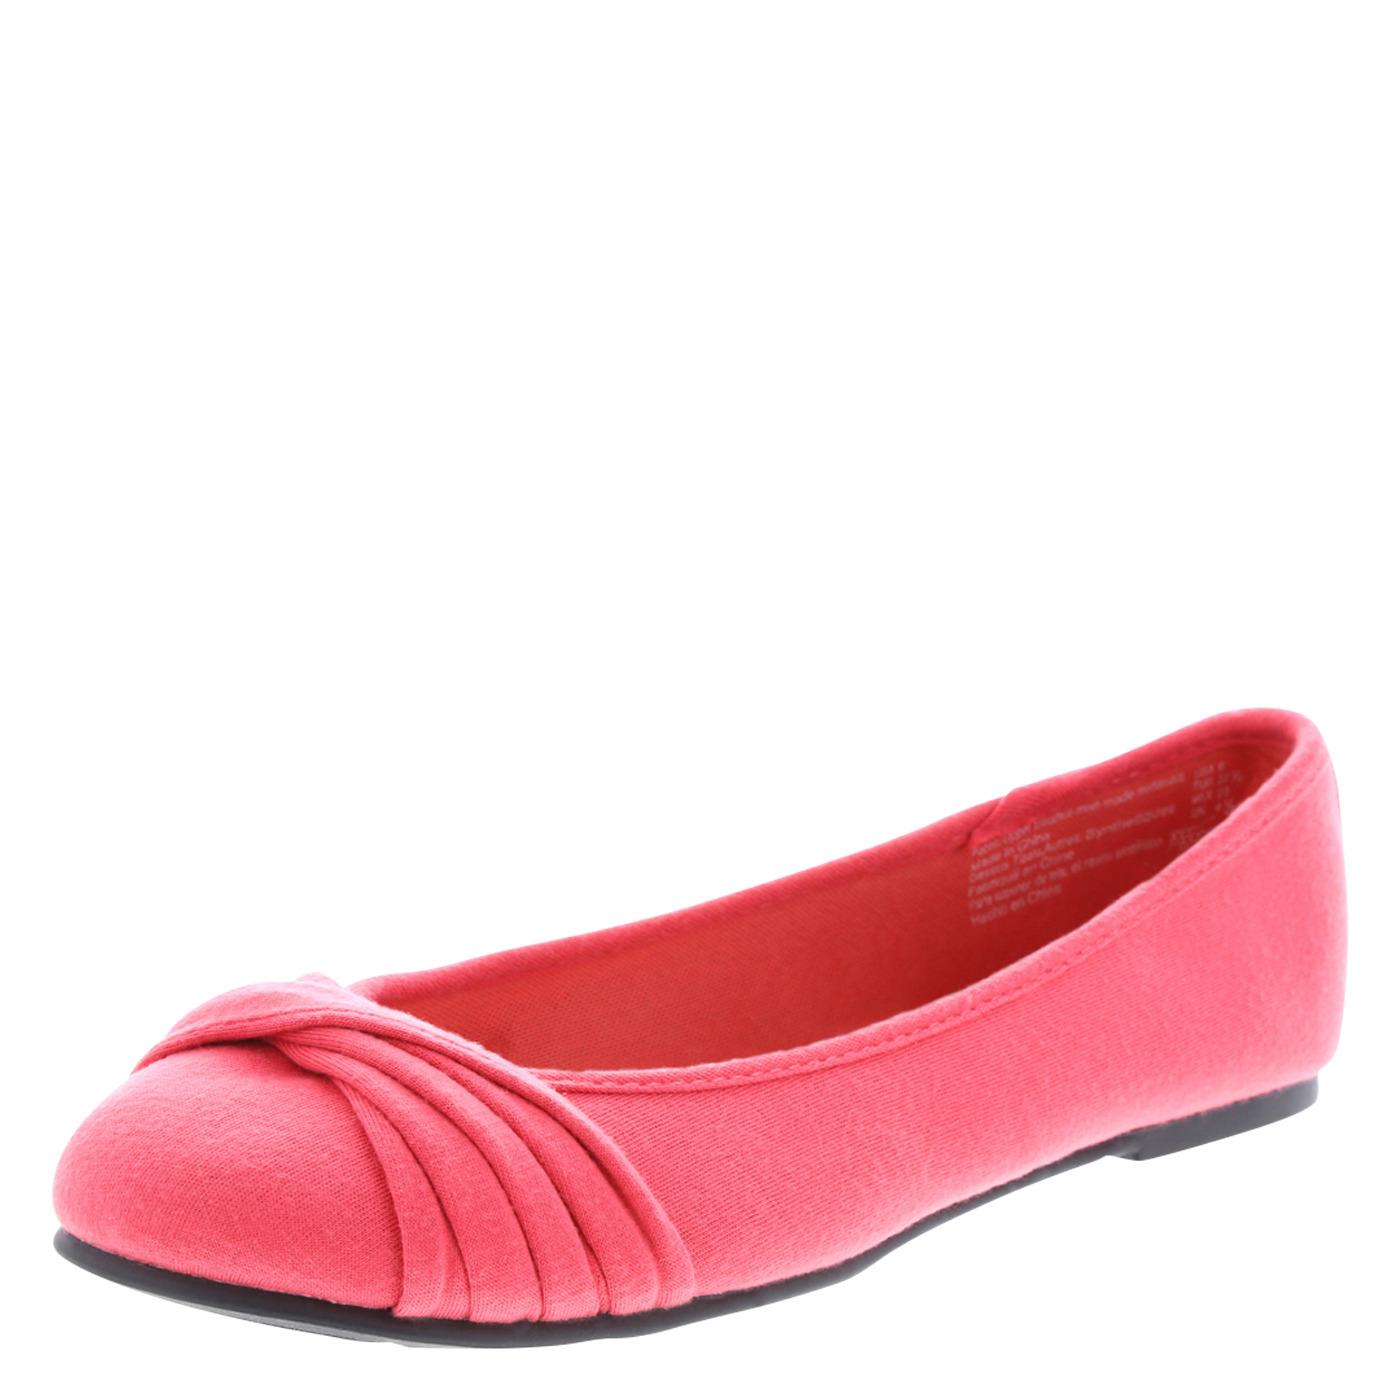 春色のフラットシューズ。大きいサイズの靴